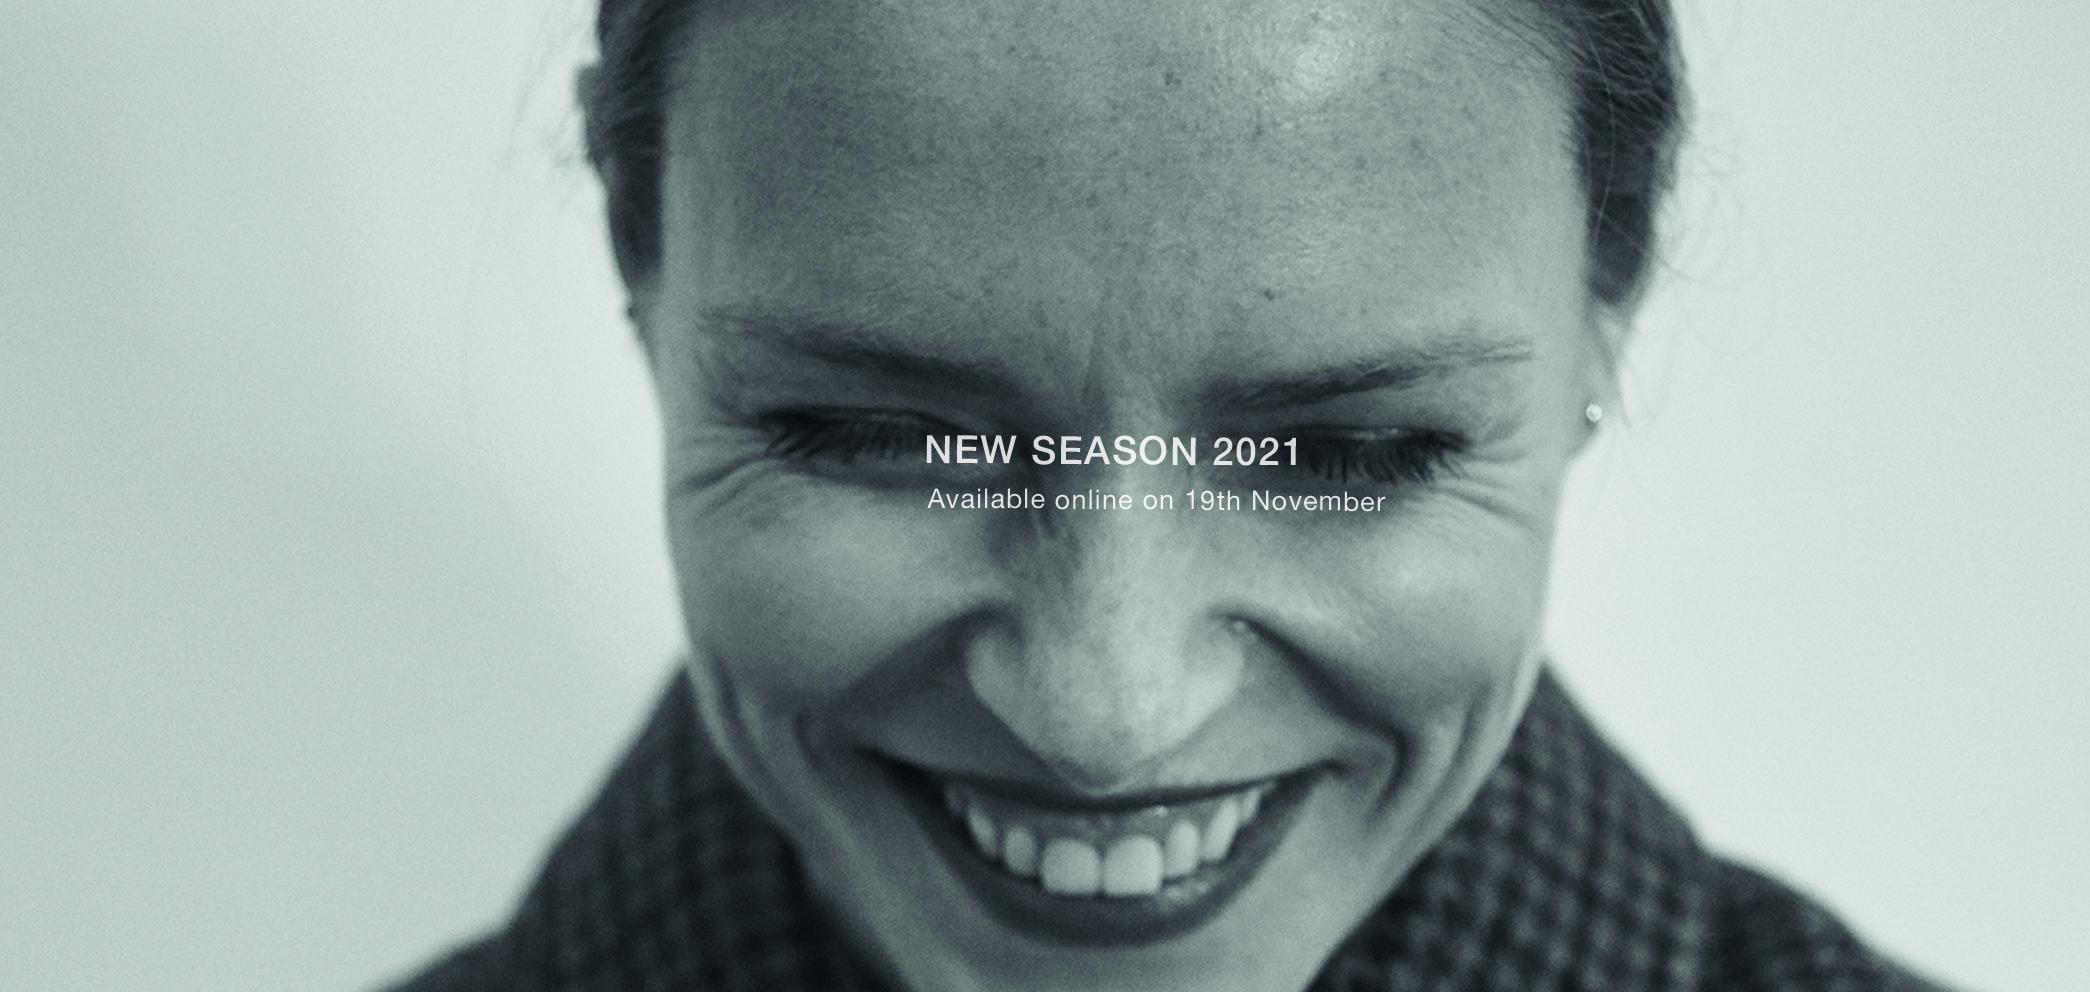 Molehill_Season_2021_cover